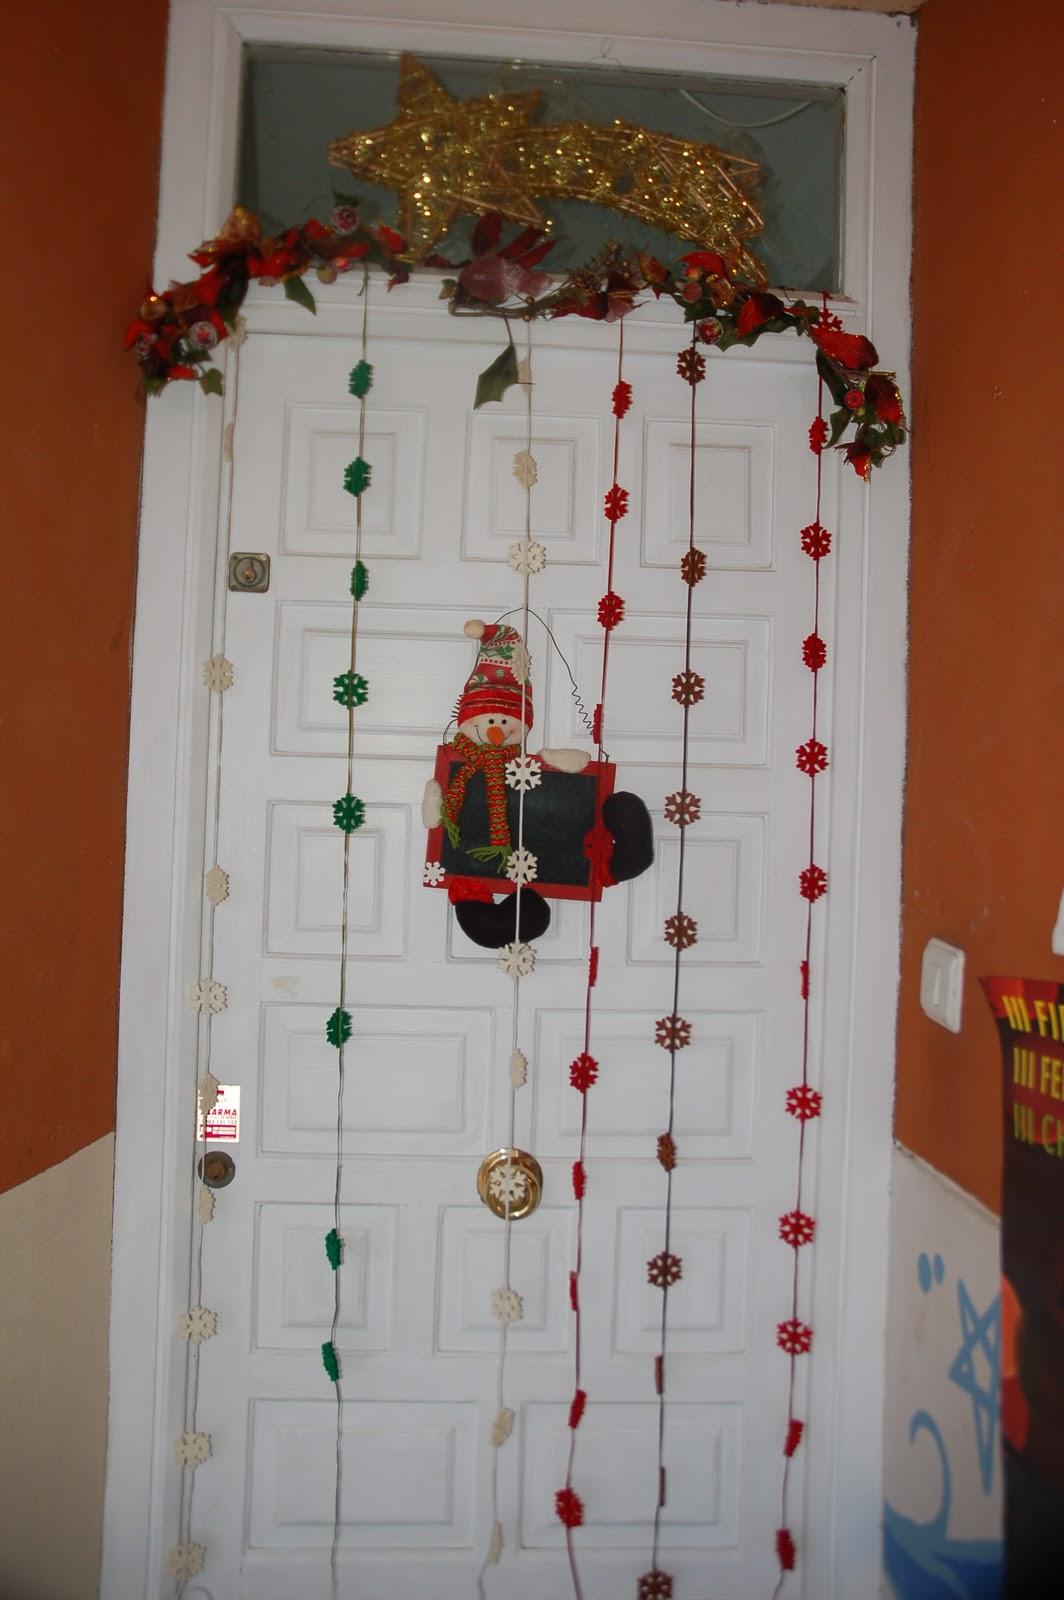 Decoraci n navide a en luna lola for Decoracion de puertas para navidad